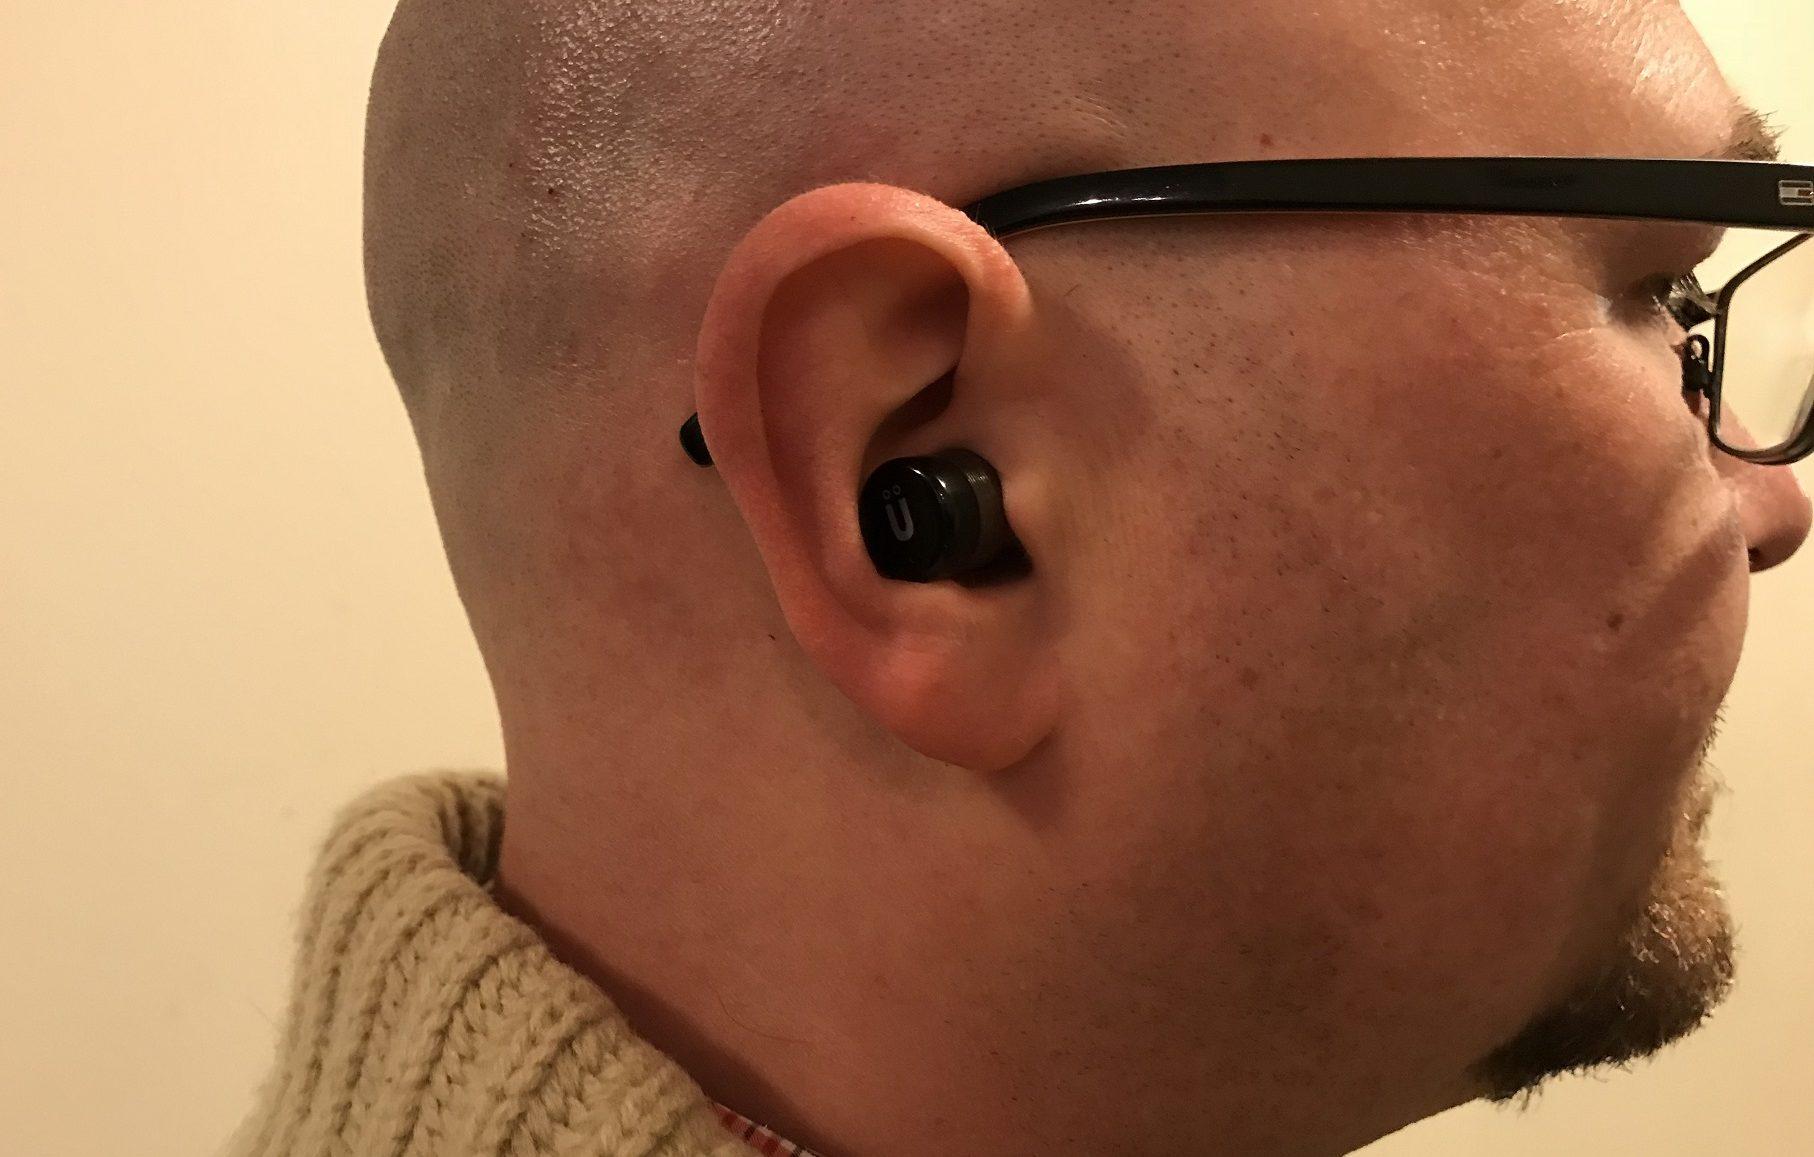 écouteurs bouton sans fil autonomes Pulse Mini d'Uolo - en essayant